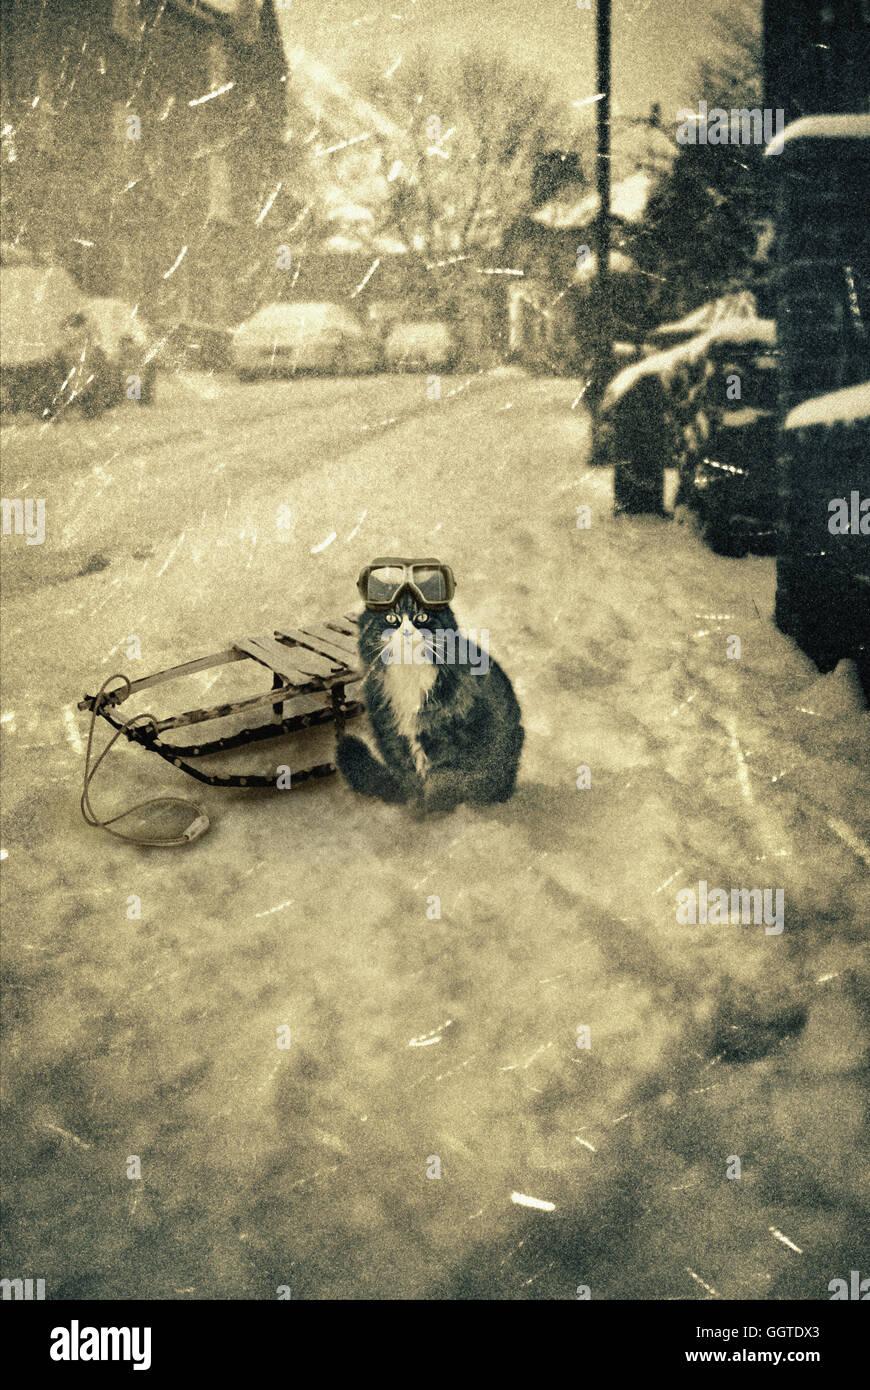 Portant ces lunettes chat assis dans la rue avec un traîneau pendant un jour de neige winterly Photo Stock